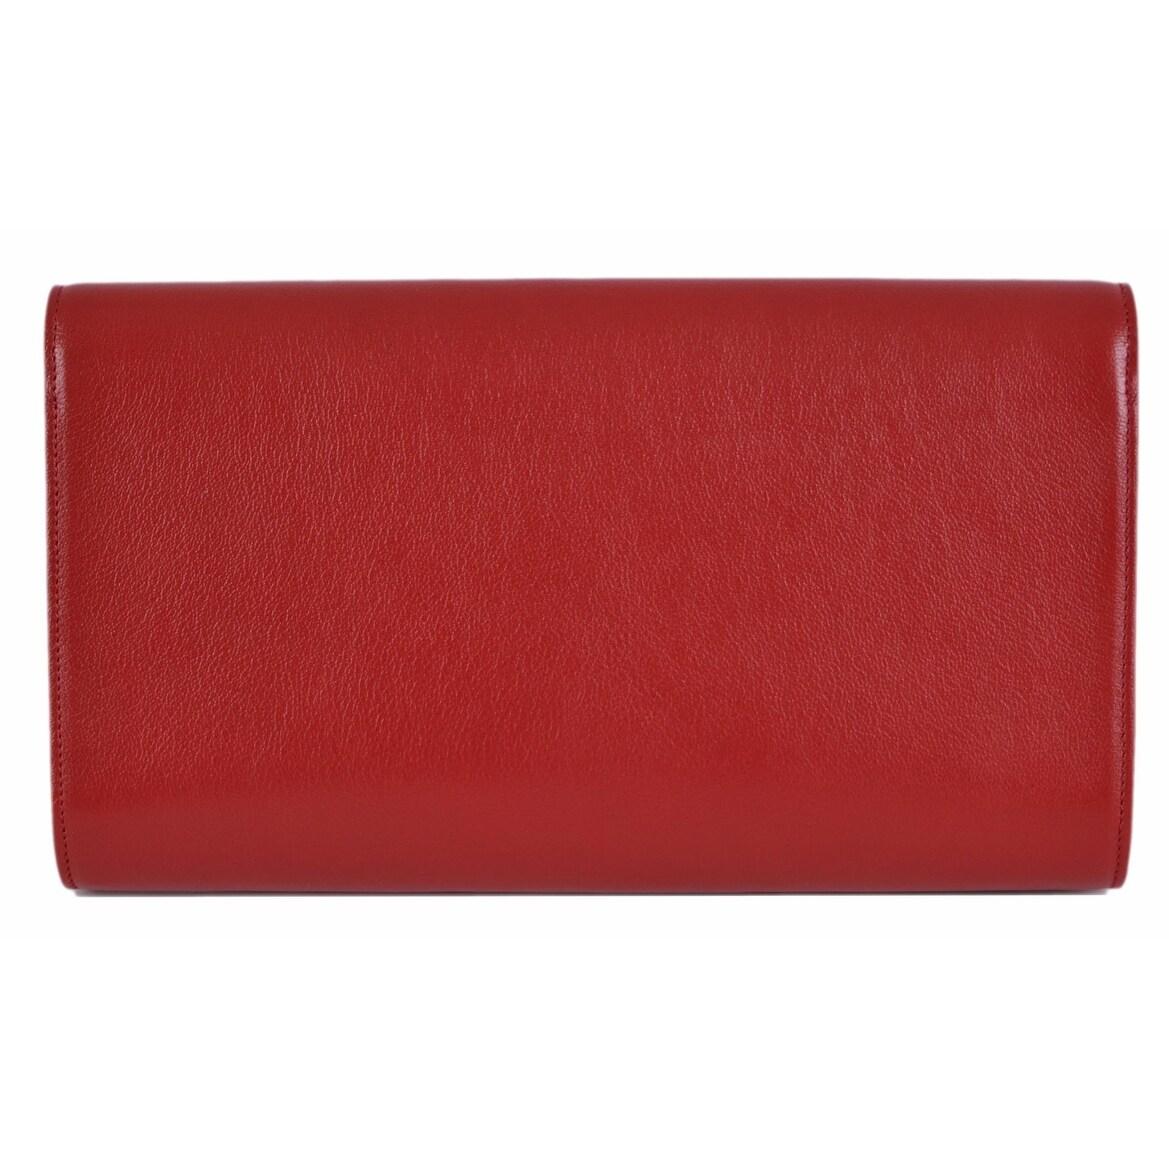 f0597437f05 Shop Saint Laurent YSL 361120 Red Leather Large Belle de Jour Clutch  Handbag Bag - 11